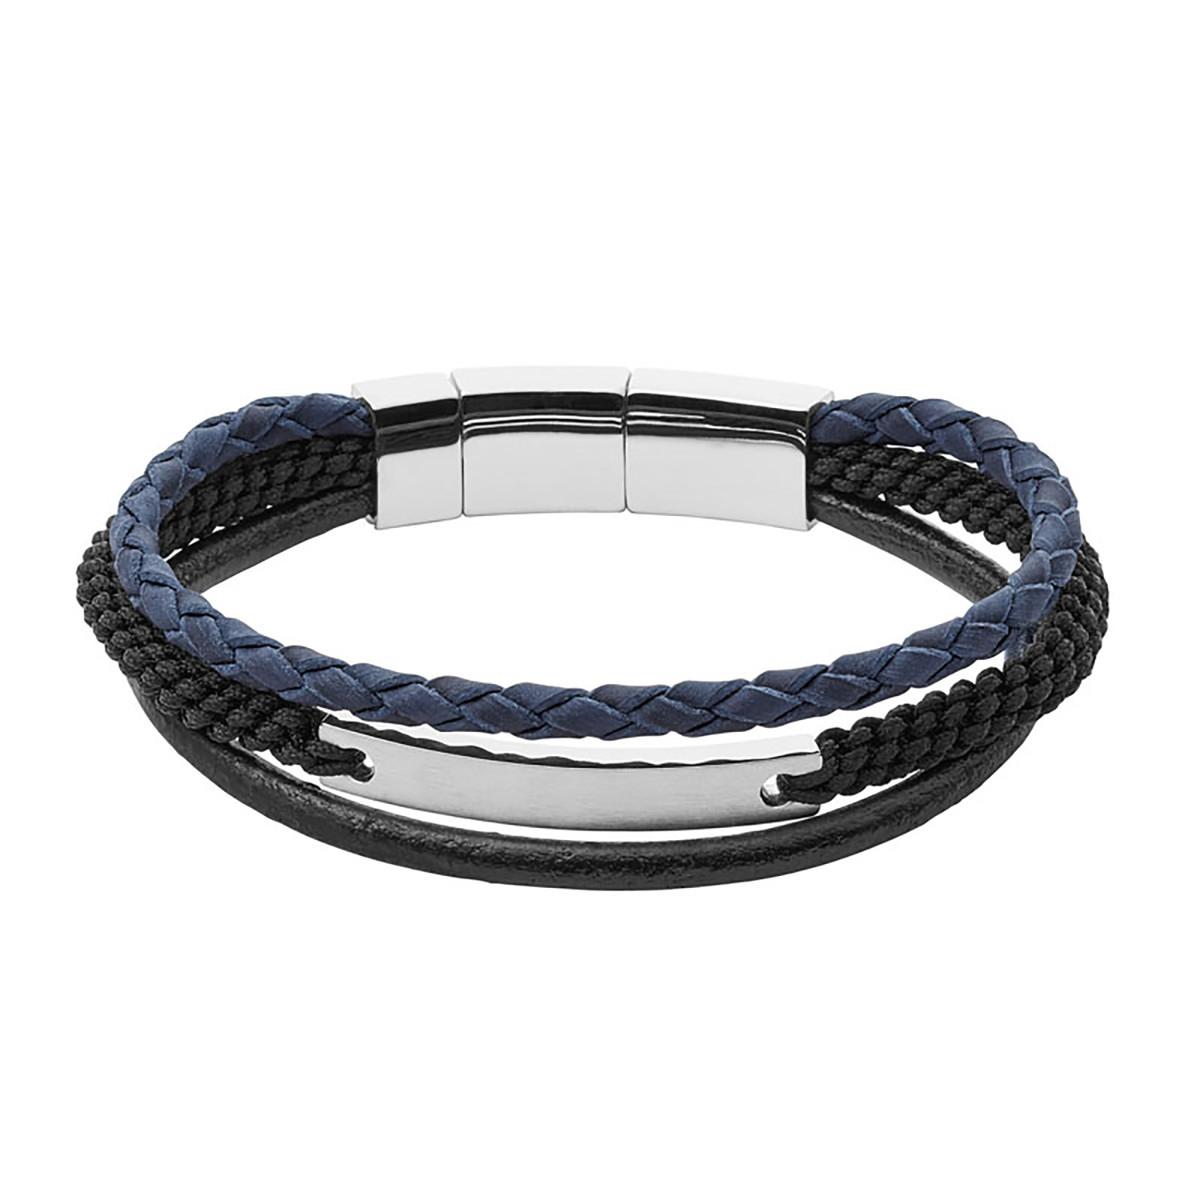 sélection premium a05aa ab905 Bracelet homme Fossil Vintage casual multi-rangs acier blanc